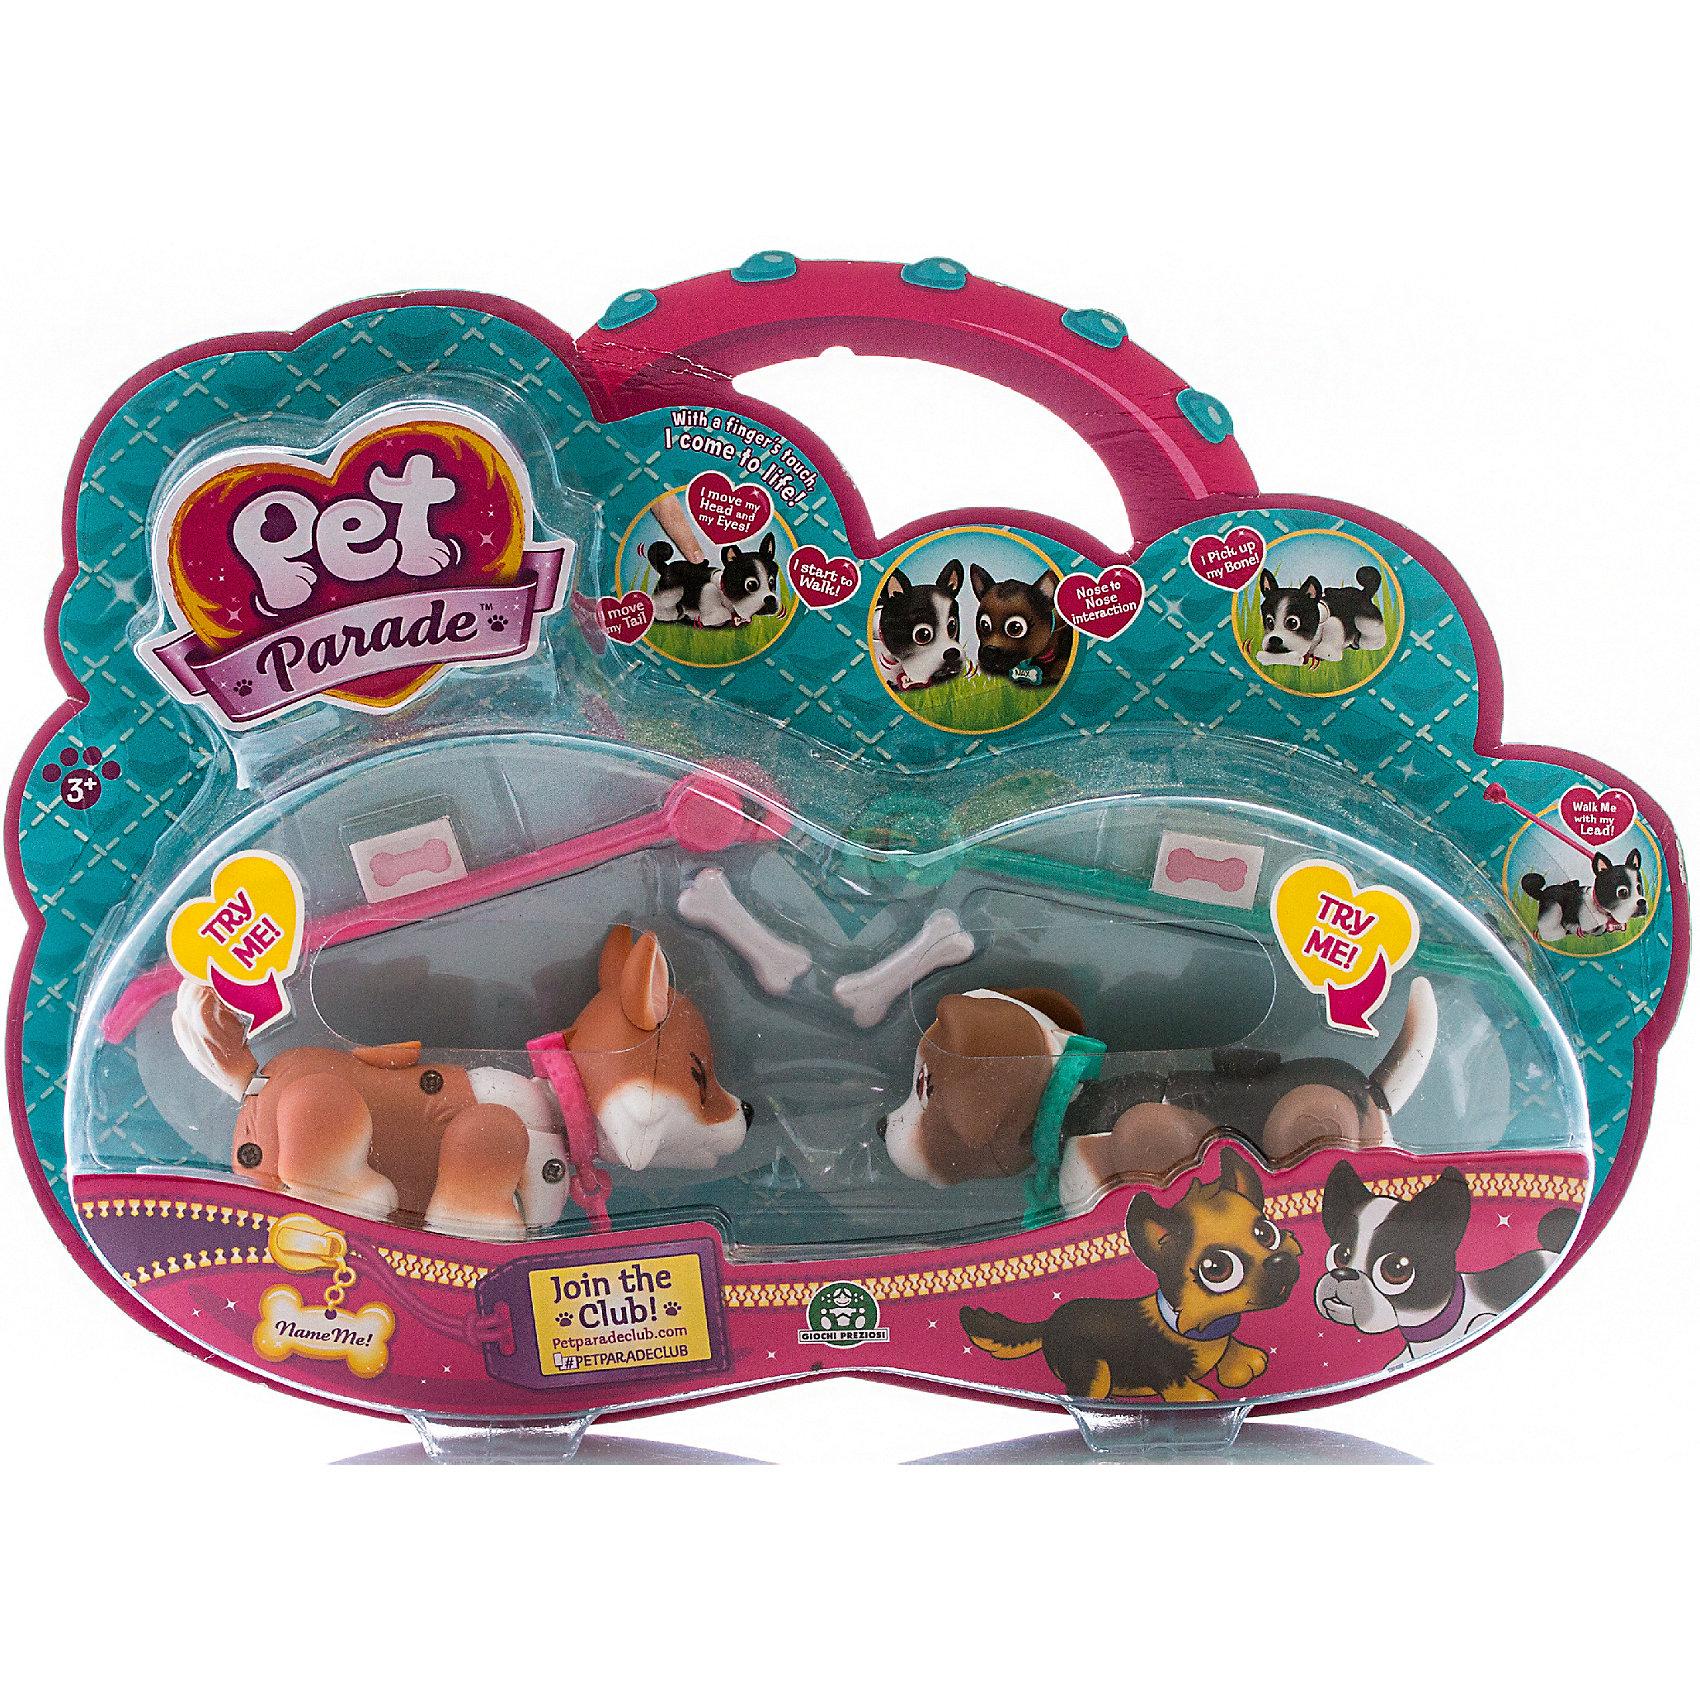 Фигурки собачек в комплекте с косточками и поводком, Pet Club ParadeЛюбимые герои<br>Фигурки собачки в комплекте с косточкой и поводком, ассортимент, Pet Club Parade (Пет Клаб Парейд).<br><br>Характеристики:<br><br>• Размер упаковки: 22х6х21 см.<br>• Вес:160г.<br>• В комплекте: две фигурки собачек, две косточки, два поводка, две наклейки на ошейник, буклет.<br><br>Щенки Pet Club Parade (Пет Клаб Парад) забавно двигают лапками при ходьбе. При желании, можно присоединить специальный поводок розового или голубого цвета к ошейнику. На спинке расположен джойстик, с помощью которого можно управлять головой, хвостиком и глазами. Внутри фигурки  встроен магнит, благодаря чему, щенок может подбирать и следовать за своей косточкой. Игрушка работает без батареек. На ошейнике у собачек есть бирка в виде косточки, на которую можно приклеить стикер с именем своего любимца. Такие собачки, безусловно, станут желанным  подарком для маленьких любителей домашних животных!<br><br>Фигурки собачек в комплекте с косточками и поводком, ассортимент, Pet Club Parade (Пет Клаб Парад).<br><br>Ширина мм: 300<br>Глубина мм: 210<br>Высота мм: 60<br>Вес г: 277<br>Возраст от месяцев: 36<br>Возраст до месяцев: 2147483647<br>Пол: Женский<br>Возраст: Детский<br>SKU: 5185768